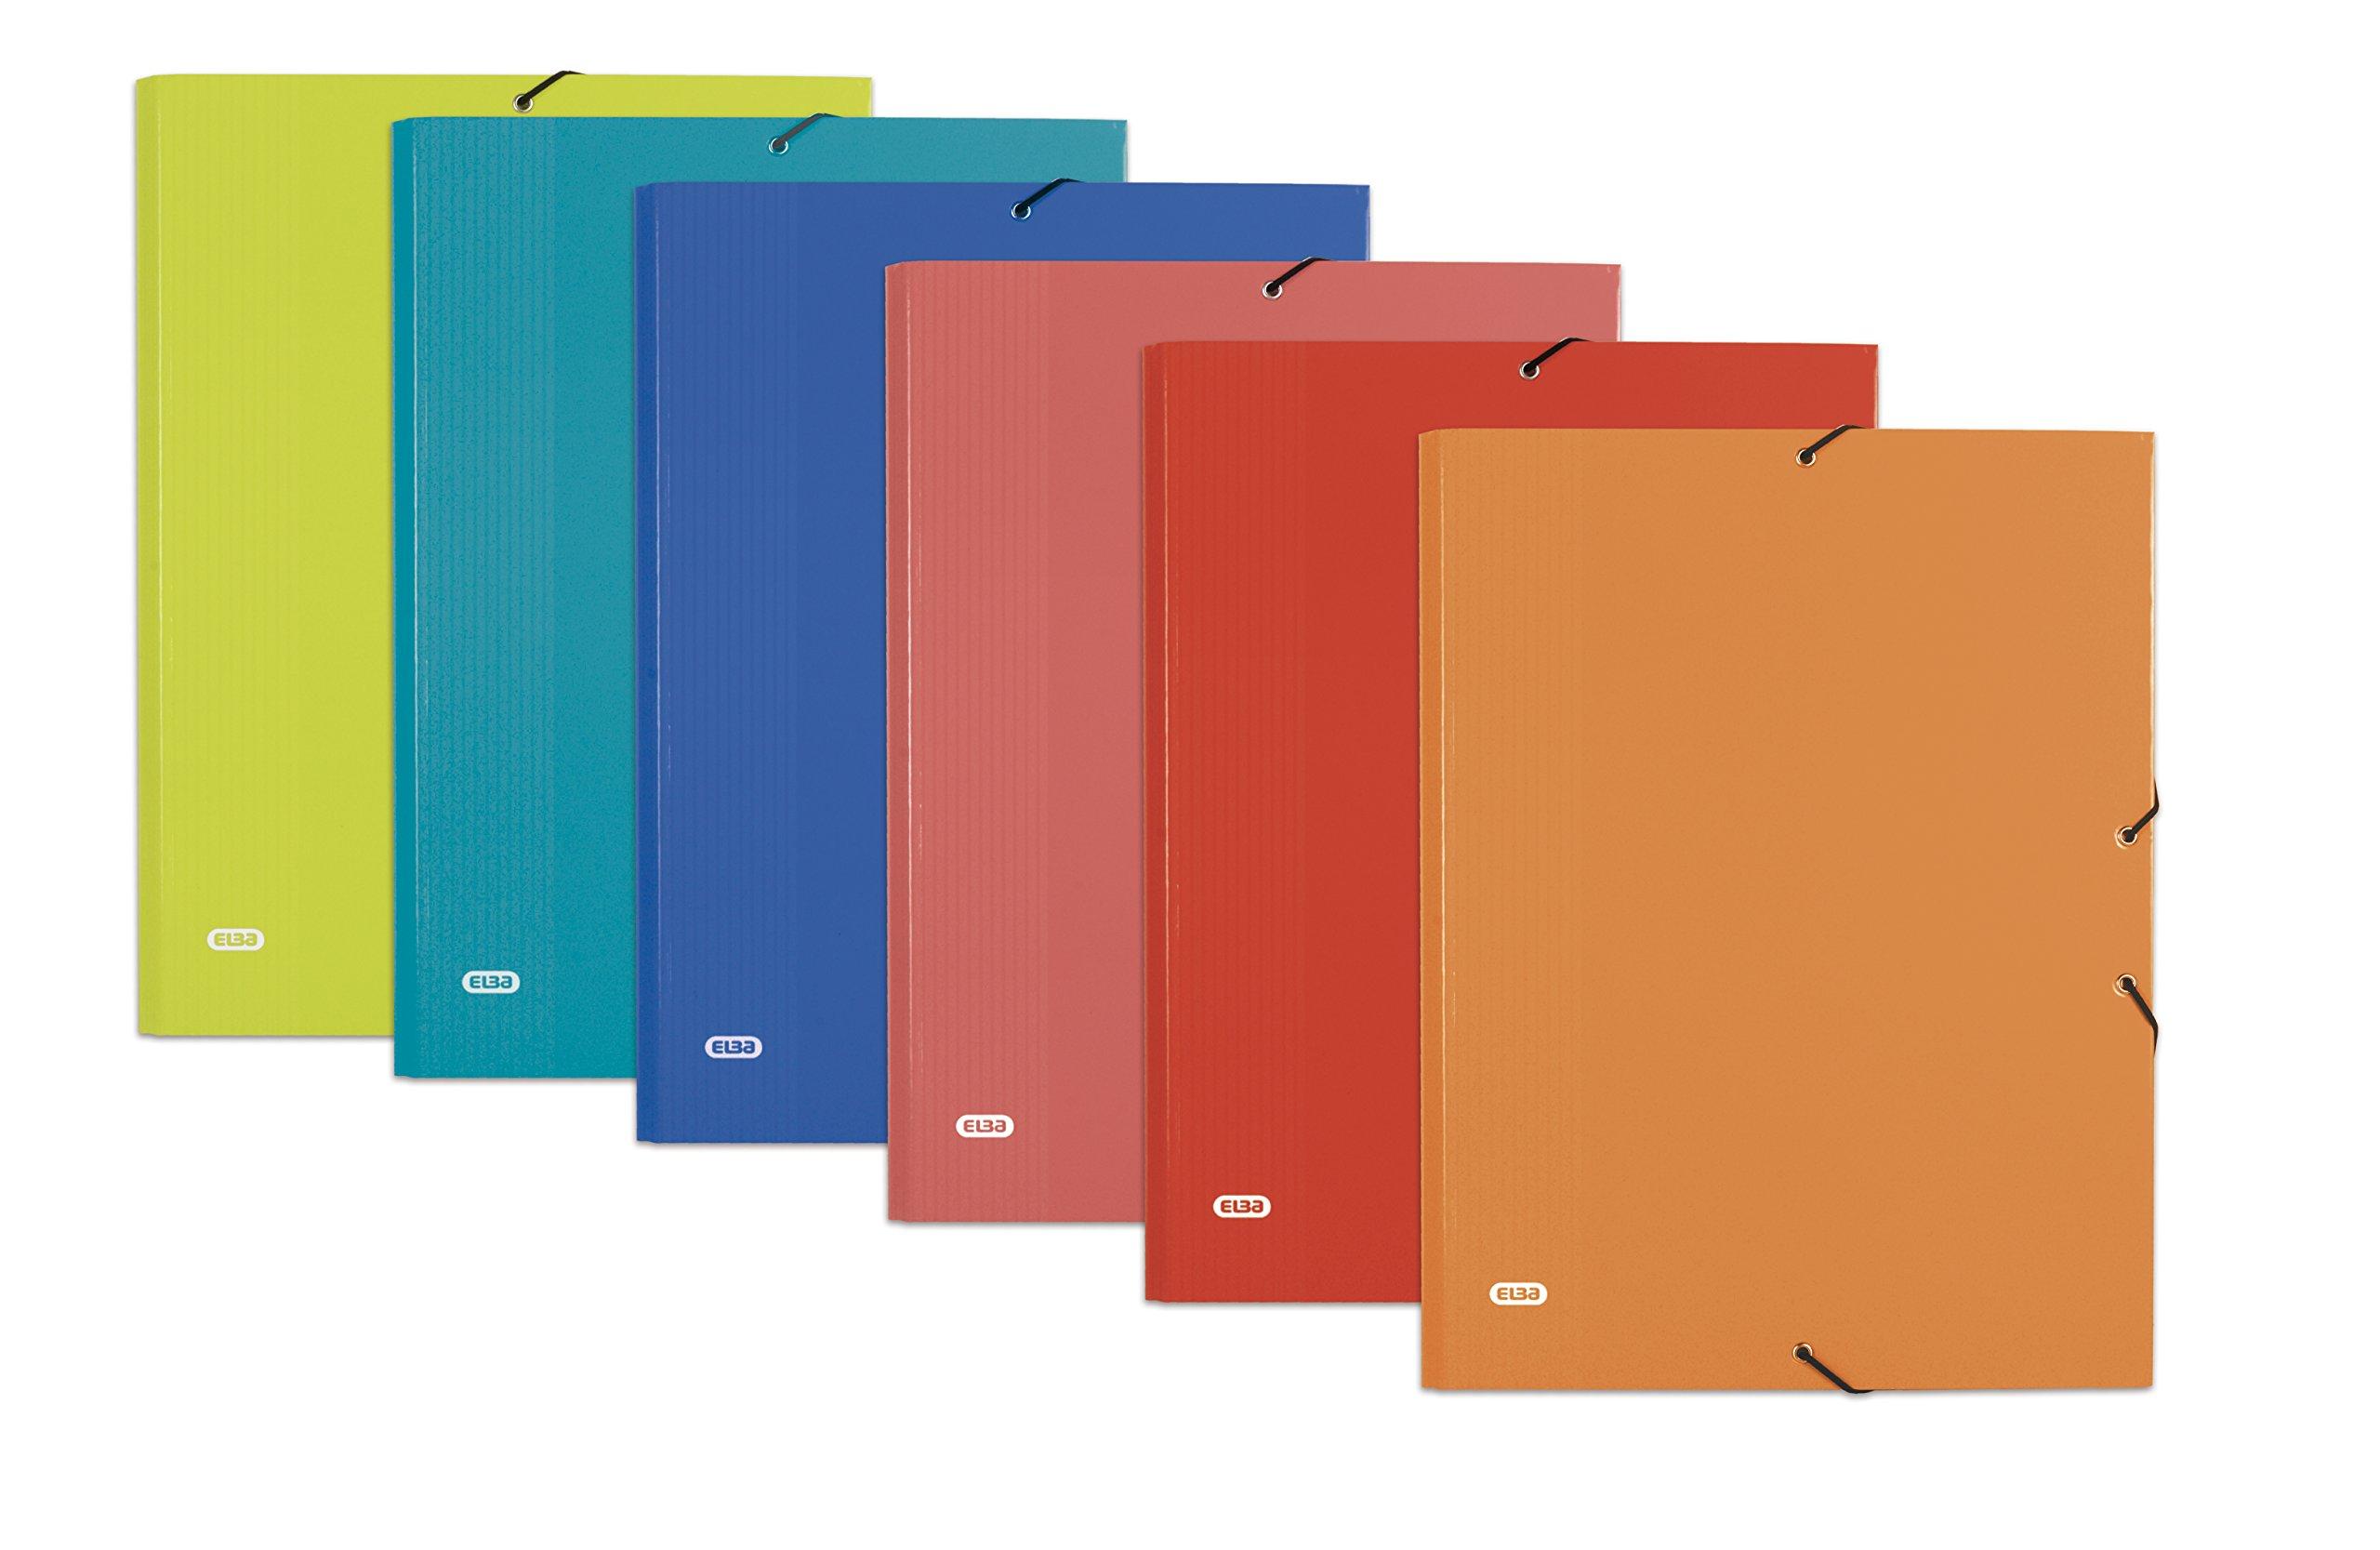 Elba Color Life 400087186 - Caja de 12 carpetas de gomas cartón forrado: Amazon.es: Oficina y papelería